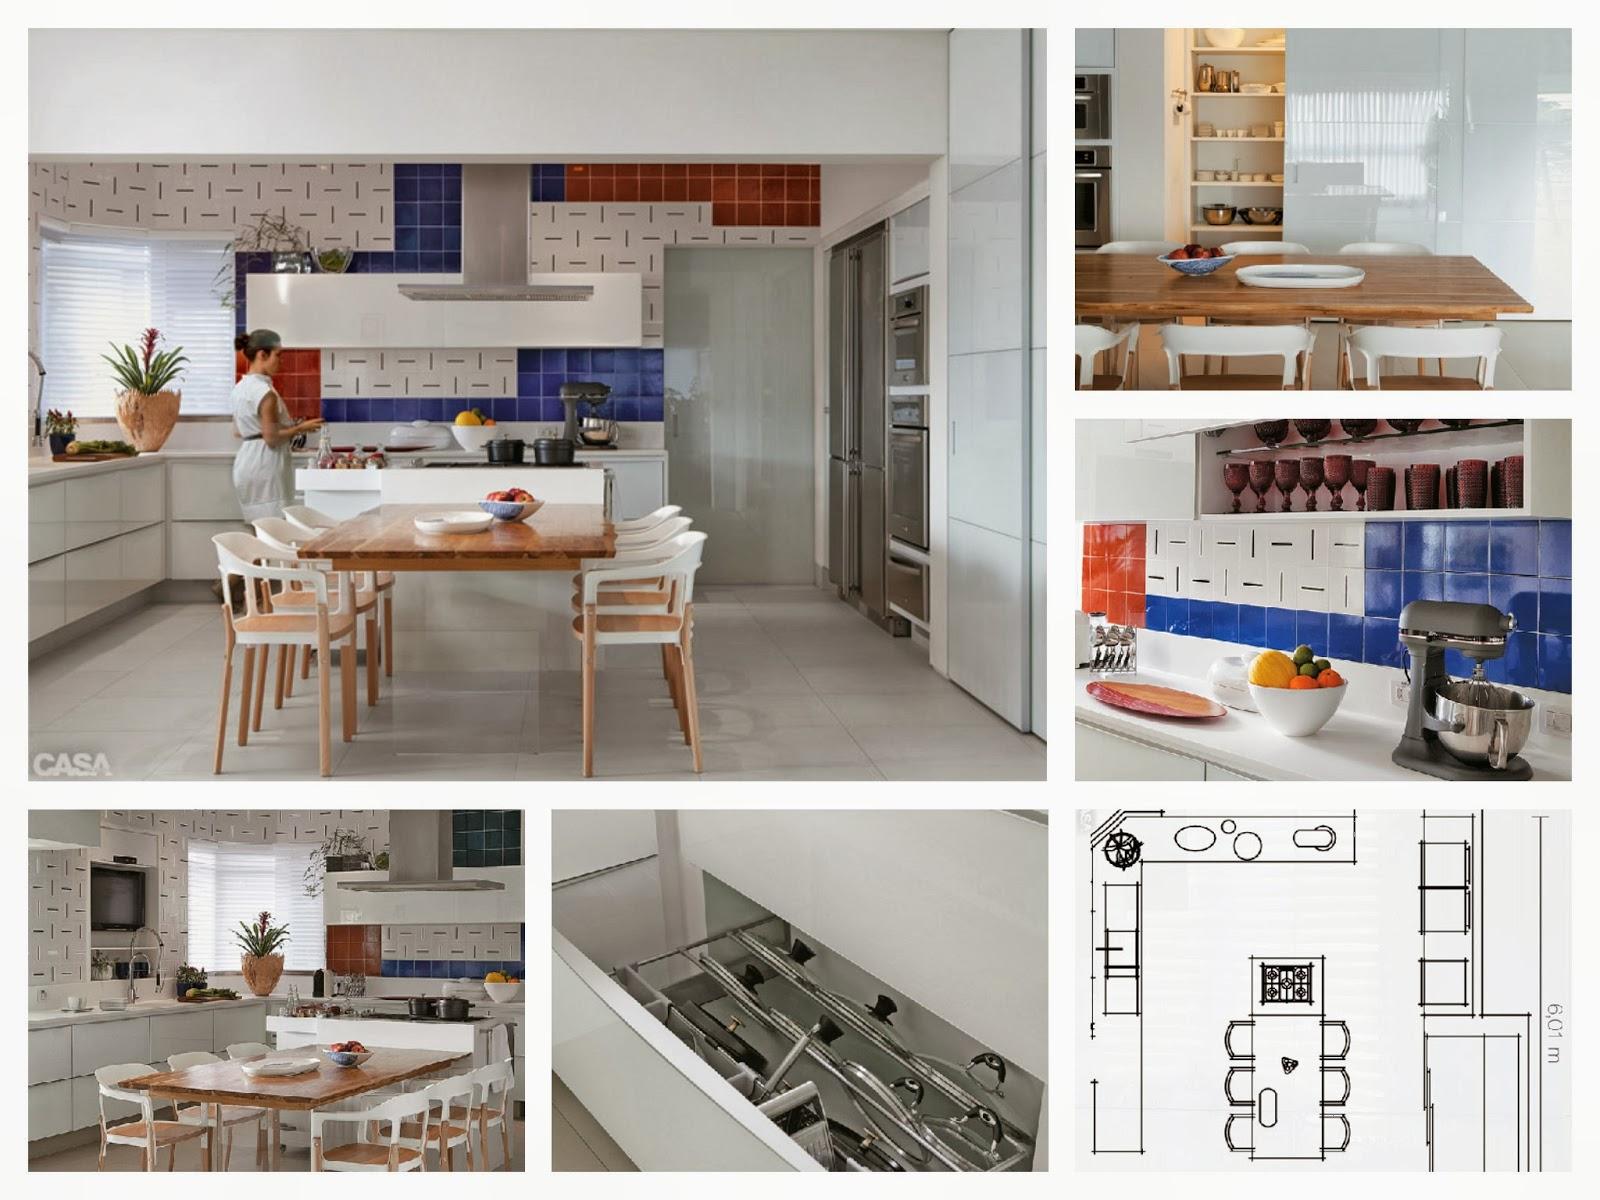 Adorei o revestimentodessa cozinha e como os armário foram planejados  #9C5A2F 1600 1200